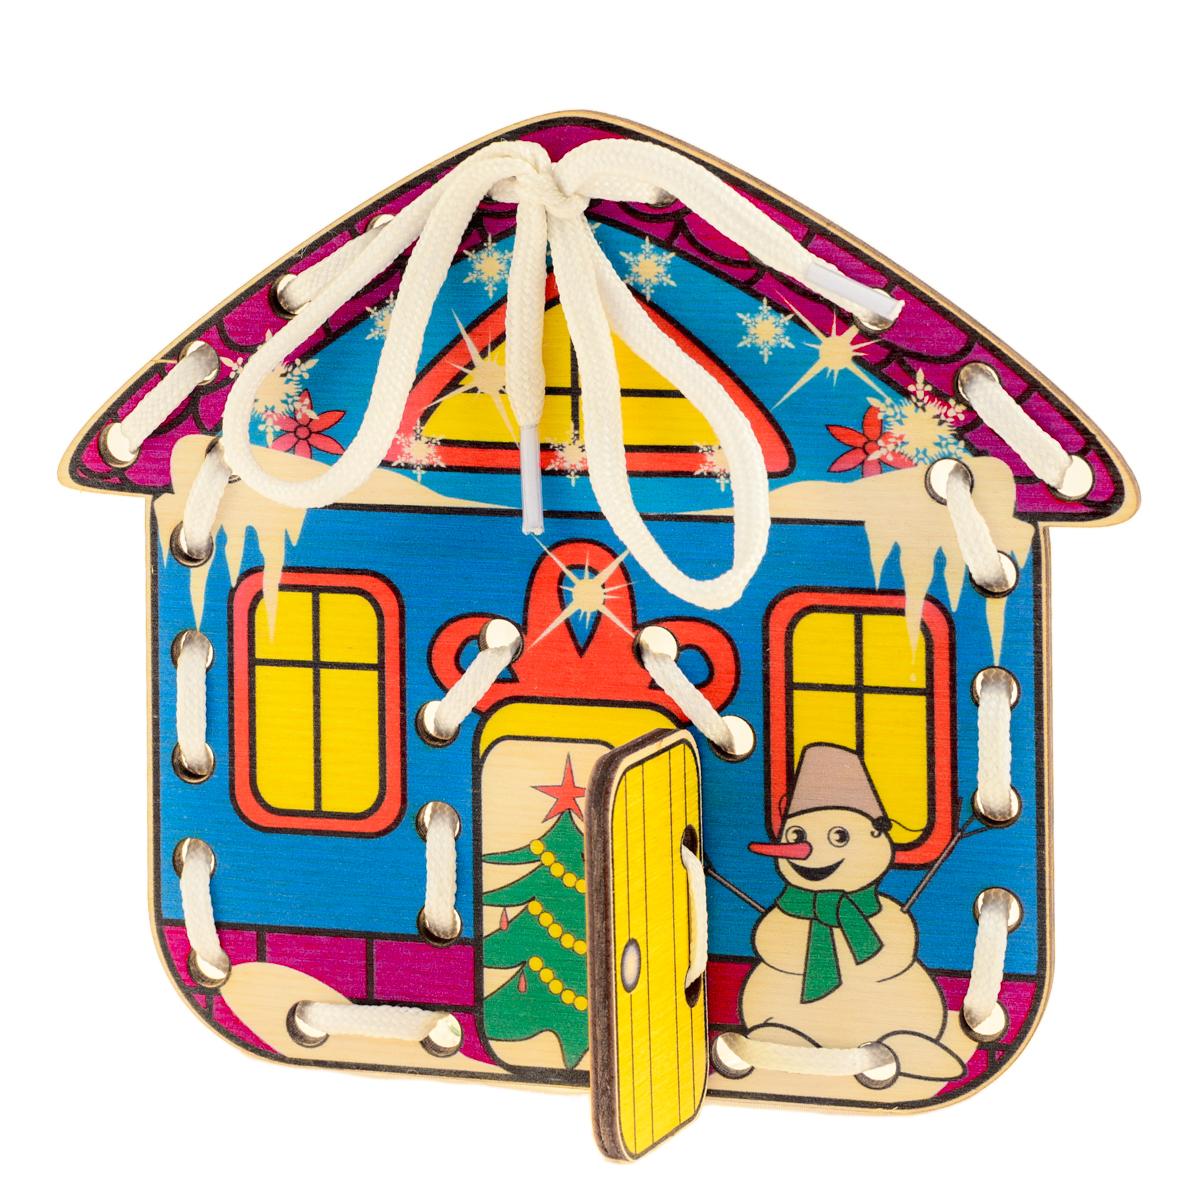 Развивающие деревянные игрушки Шнуровка Домик Времена года ЗимаД514аШнуровка из качественных деревоматериалов - прекрасная игрушка для развития ребенка. Шнуровка-домик из обработатнной фанеры непременно станет любимой игрушкой любопытного непоседы. Серия шнуровок ВРЕМЕНА ГОДА не только послужит незаменимым пособием для развития моторики ребенка, но и познакомит его с окружающим миром. Насыщенные цвета и разнообразные формы будут стимулировать детское воображение и фантазию, развивать внимание, цветовое восприятие, моторику и координацию. А после того, как ребенок зашнурует домик, можно будет поиграть с домиком, открывая и закрывая дверь. ВНИМАНИЕ! Детали игрушки выполнены из натурального дерева (деревоматериала) без покрытия лаками или другими химическими составами. Перед использованием удалите остатки древесины и древесную пыль, тщательно протерев детали игрушки мягкой тканью!